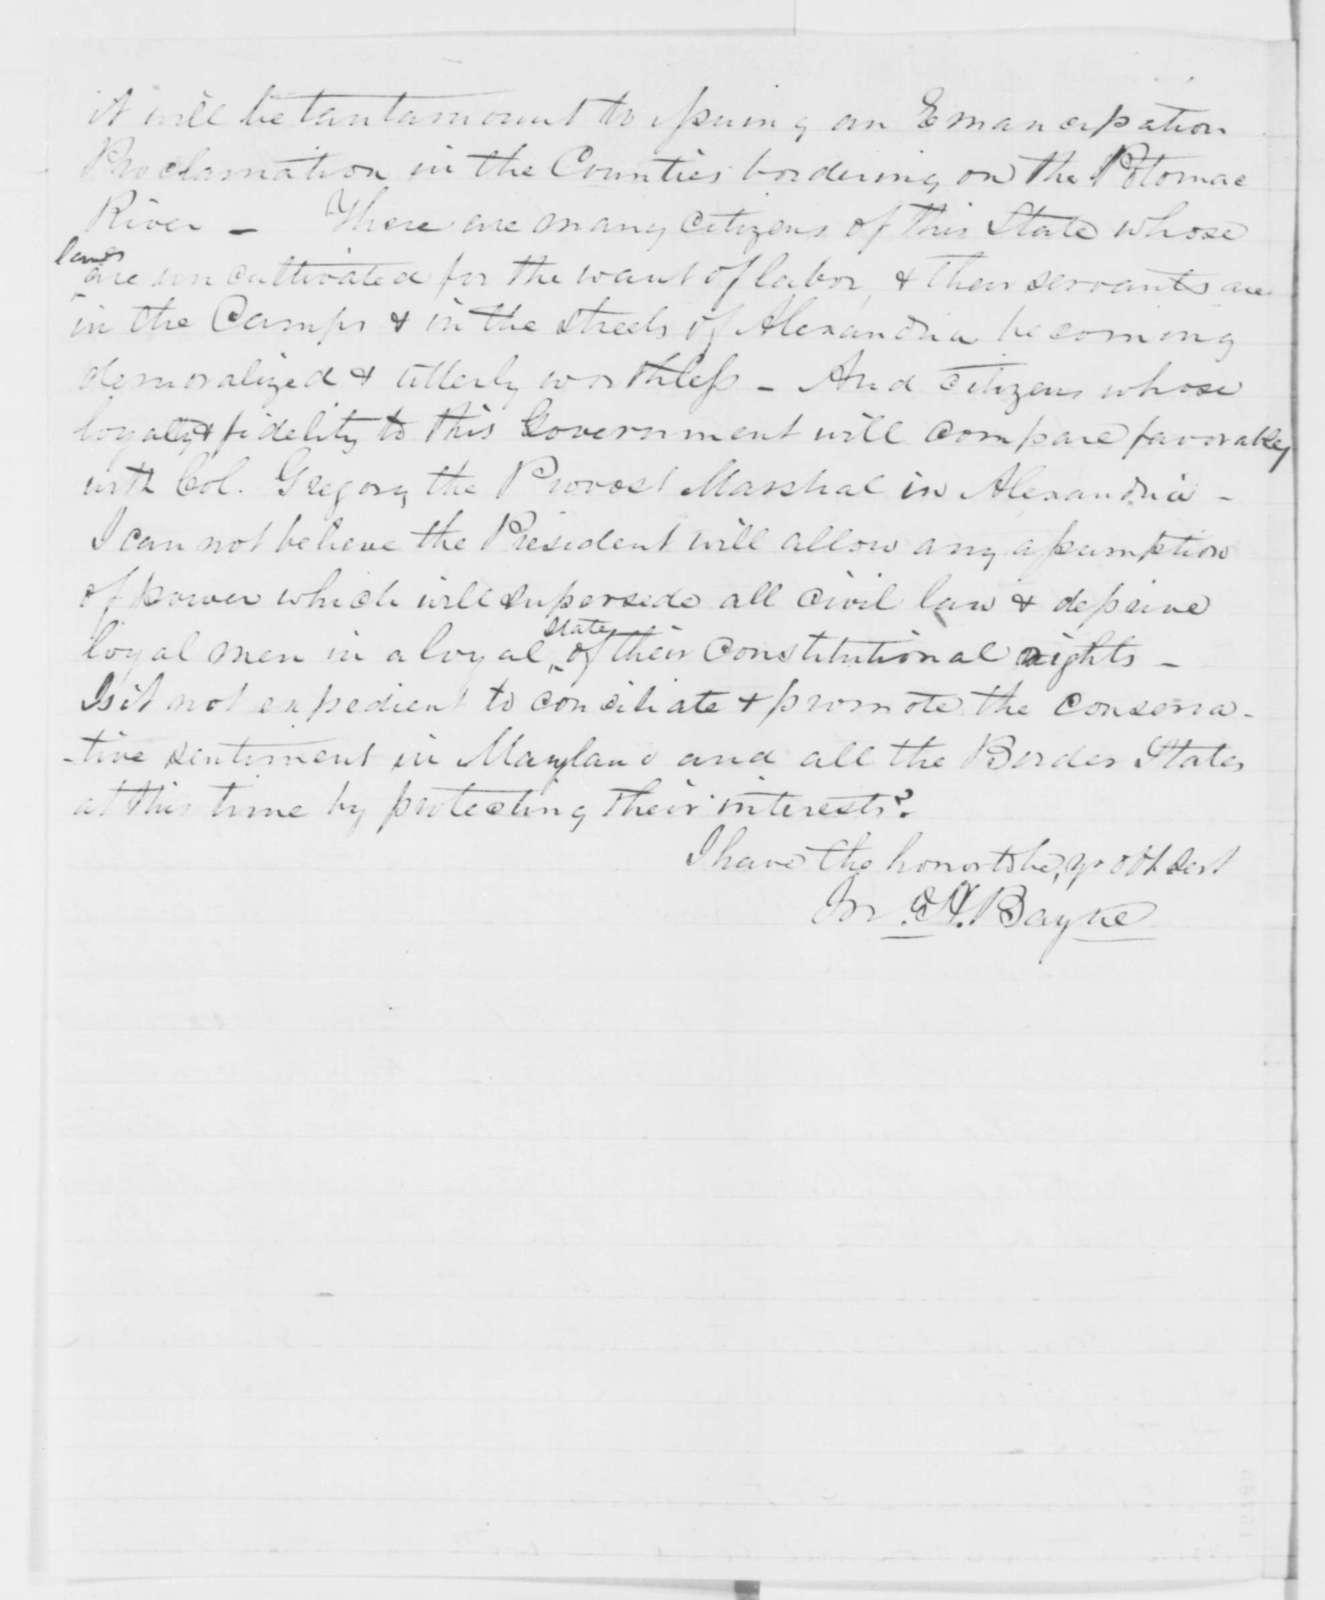 John H. Bayne to Abraham Lincoln, Thursday, July 03, 1862  (Return of fugitive slaves)